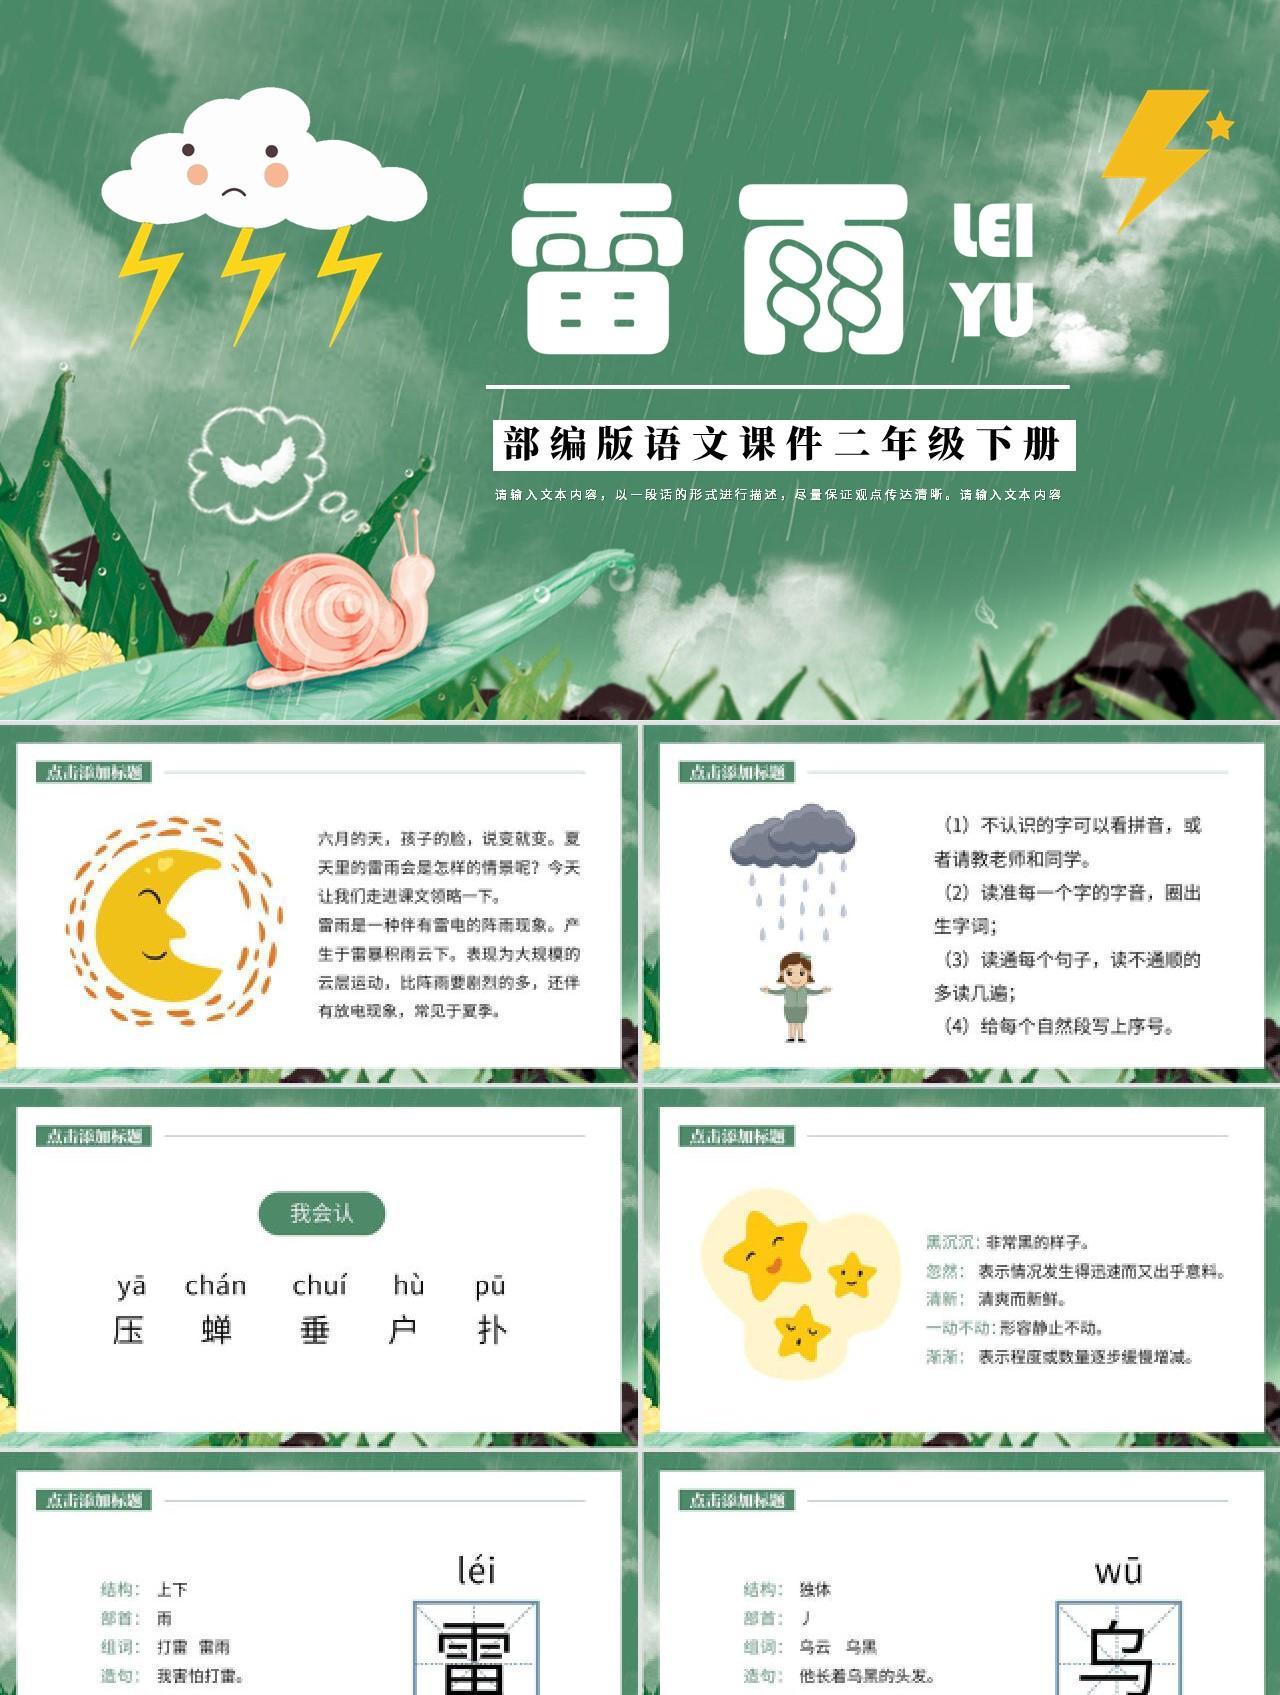 绿色卡通风二年级语文下册雷雨课件PPT模板